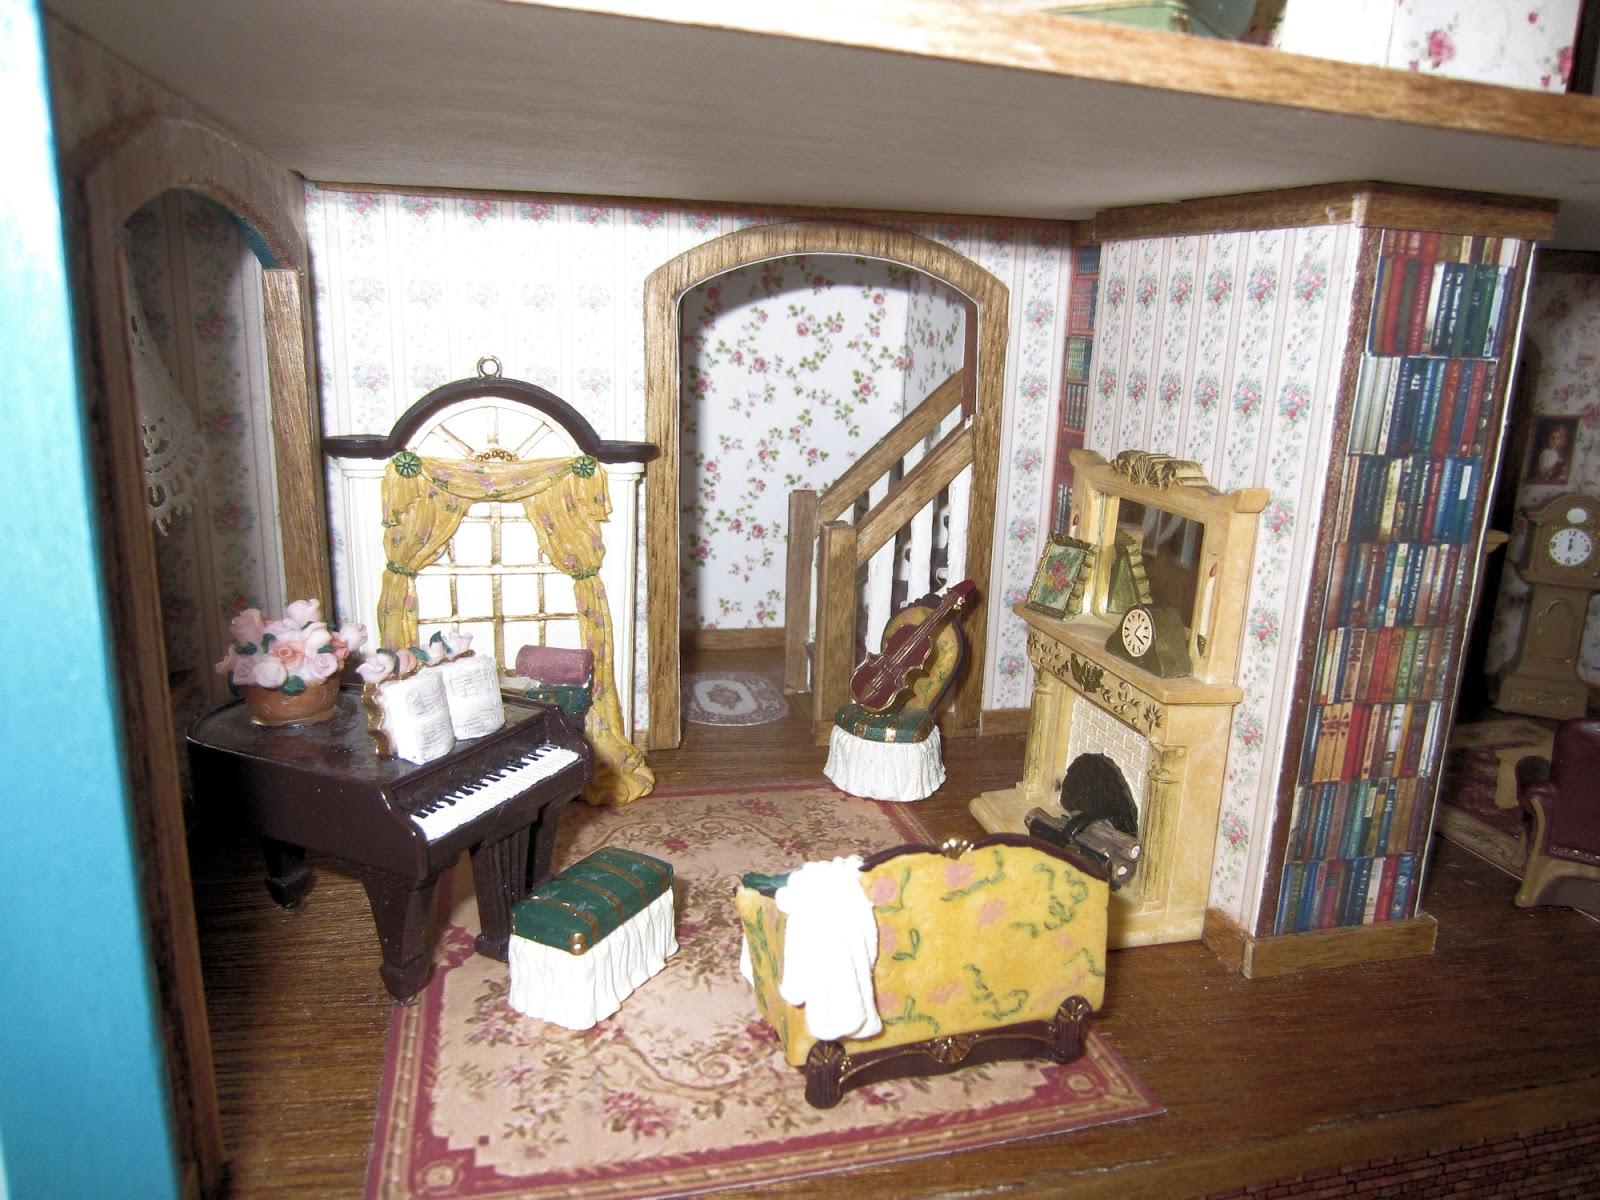 Dollhouse Dreams Fairfield Half Scale Victorian Dollhouse